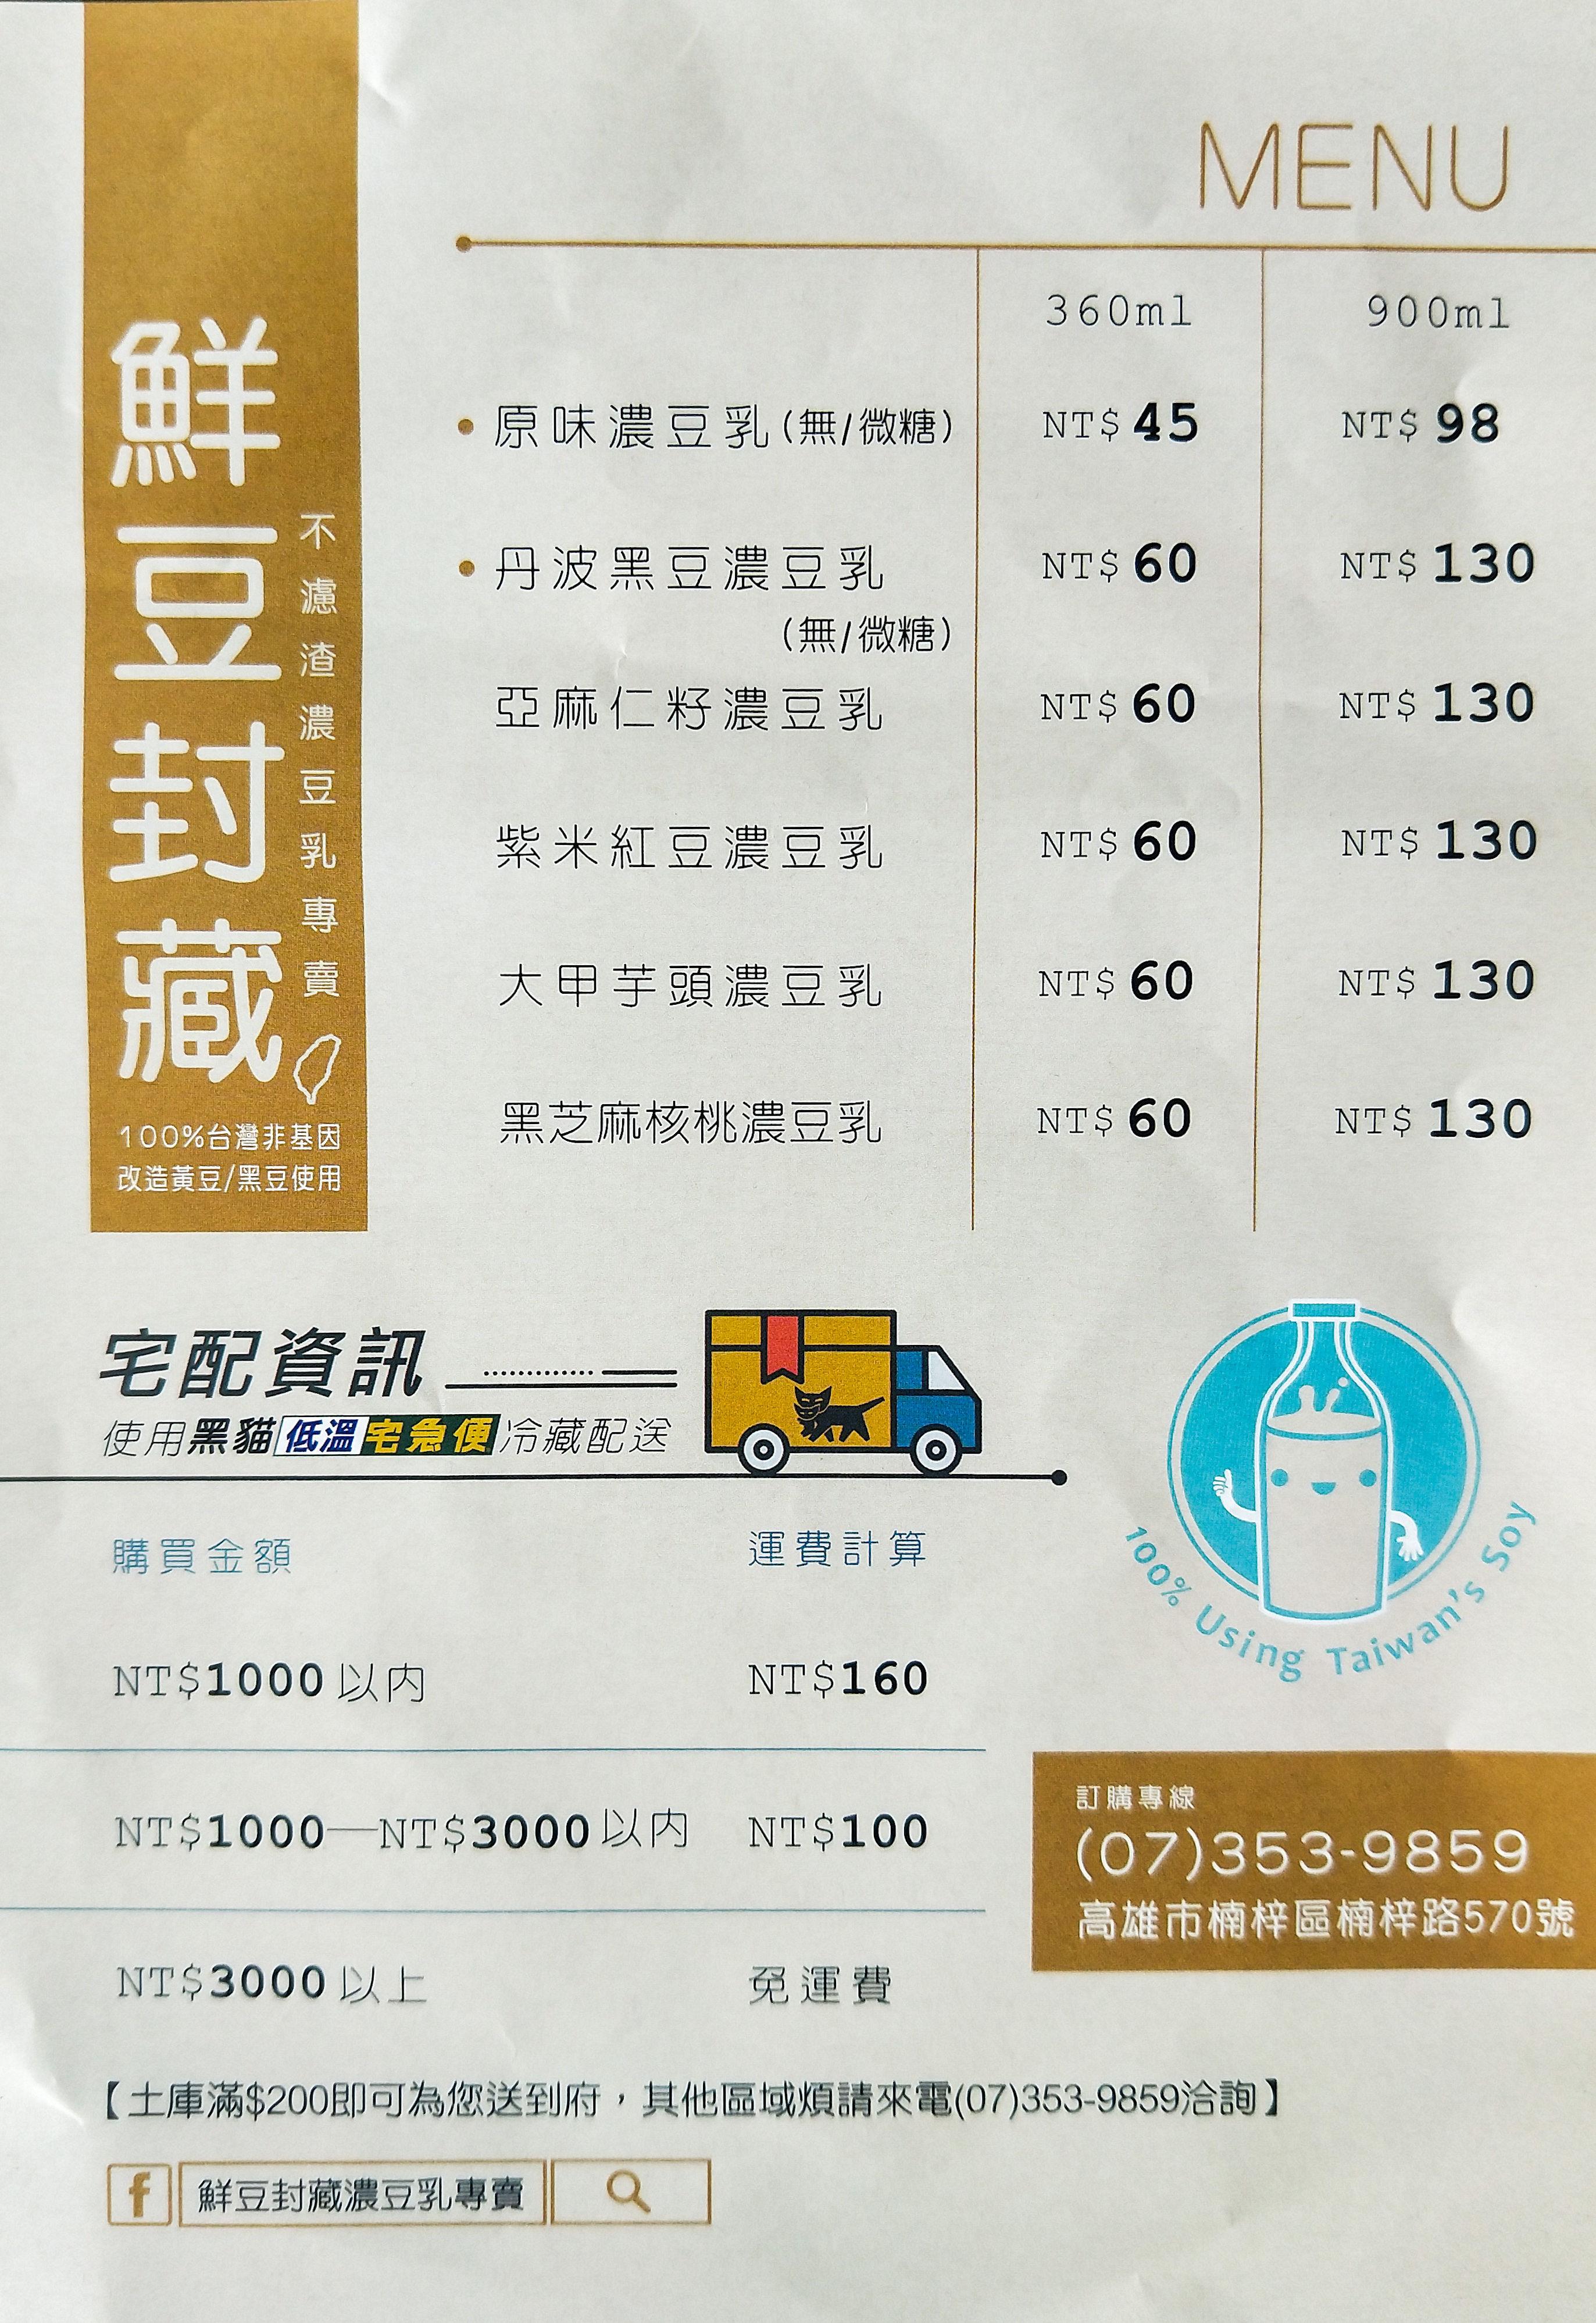 LRM_EXPORT_981572547564498_20190430_151212513.jpeg